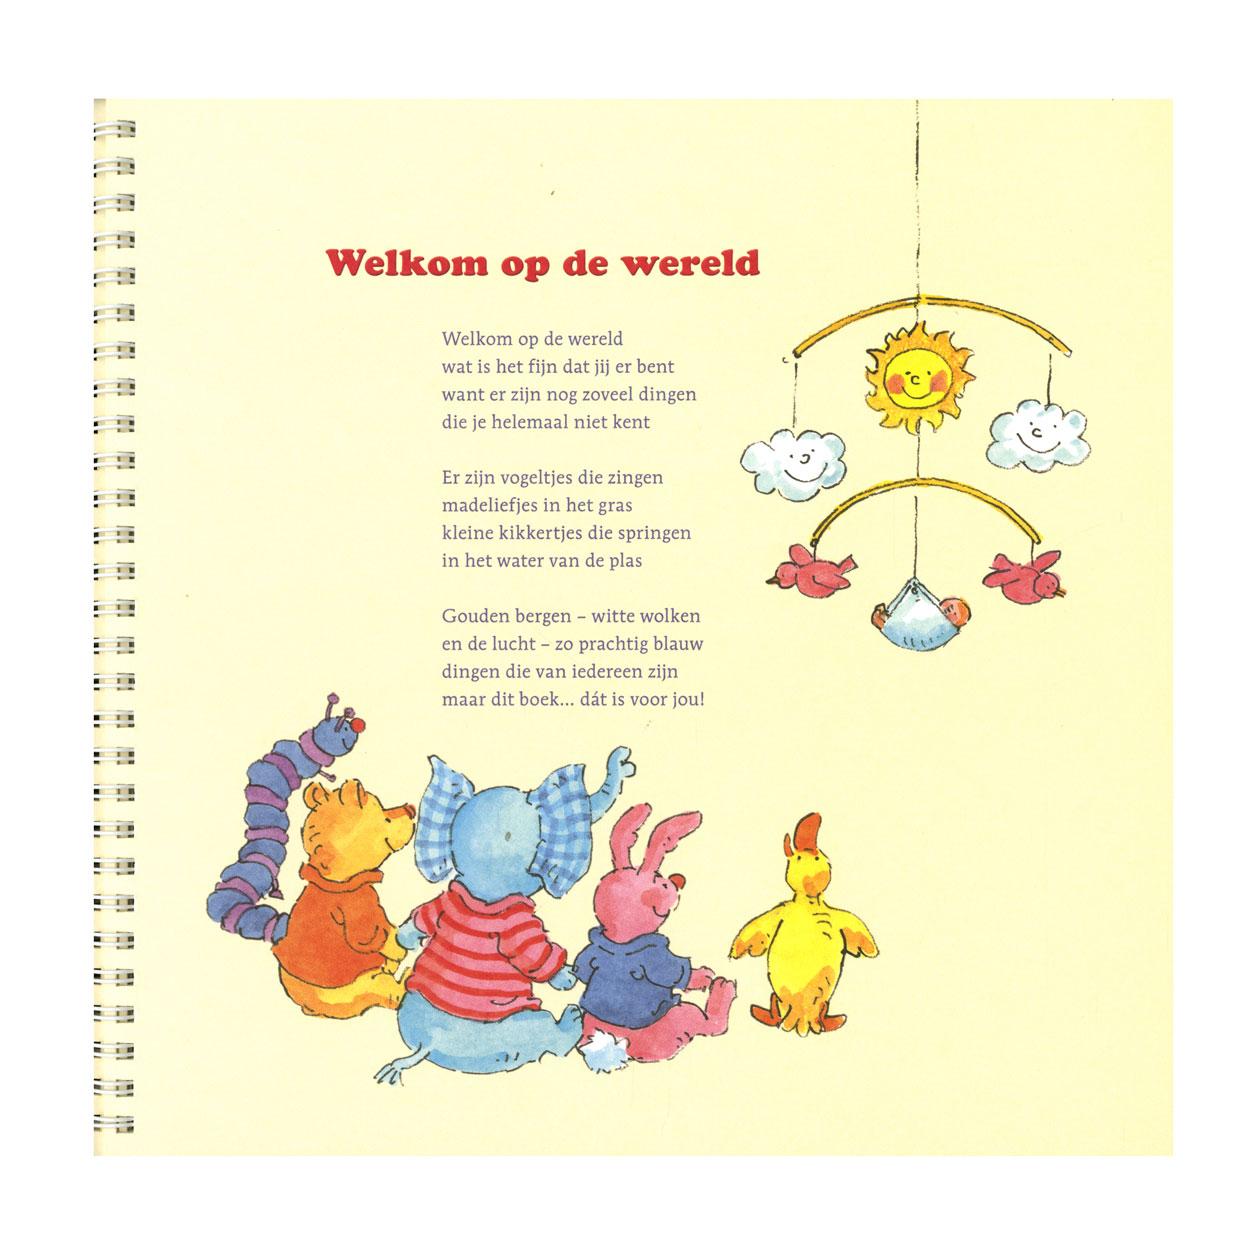 Welkom op de wereld online kopen - Salontafel herbergt de wereld ...